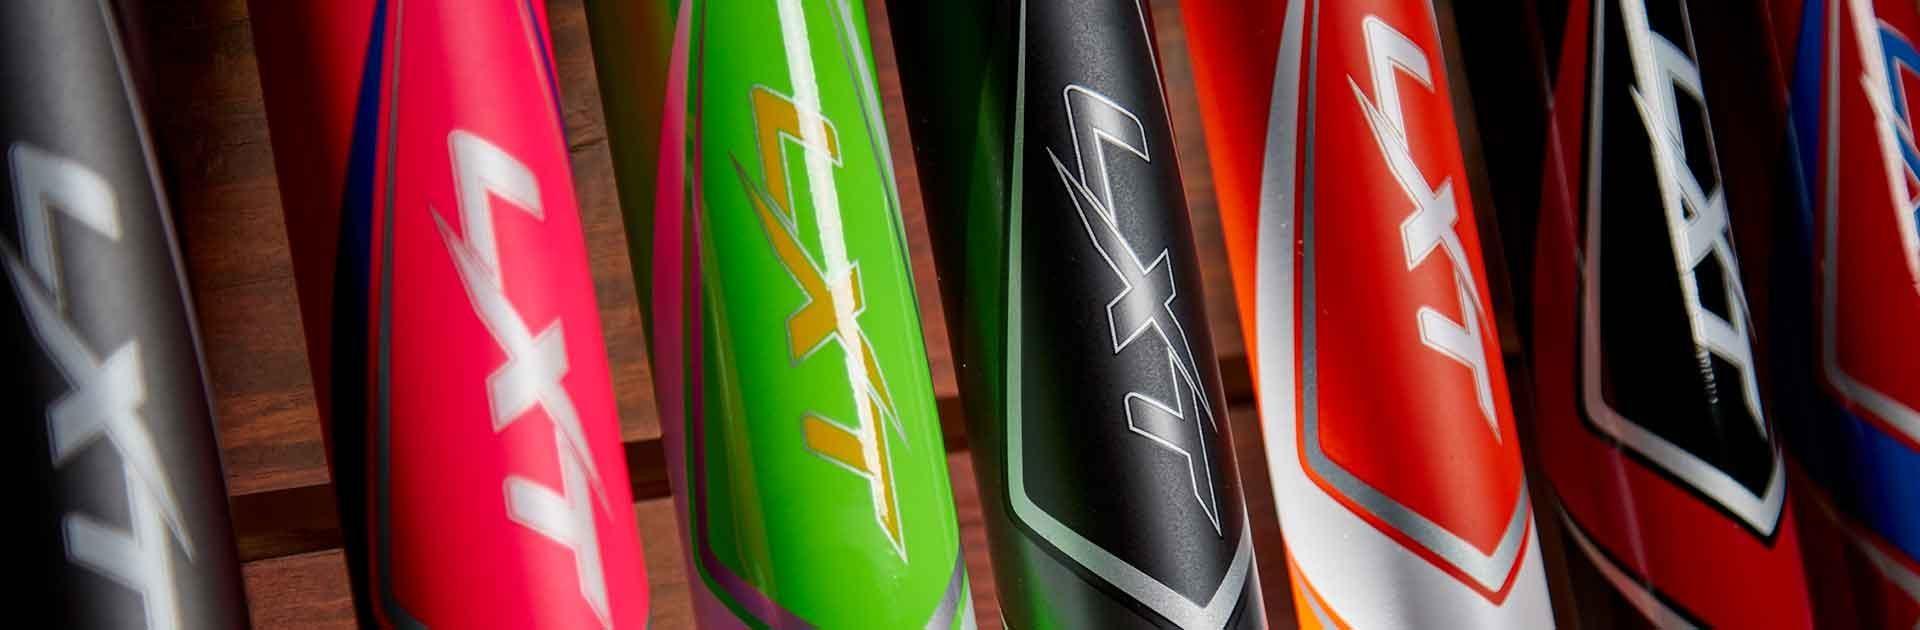 Slugger LXT Bat Lineup